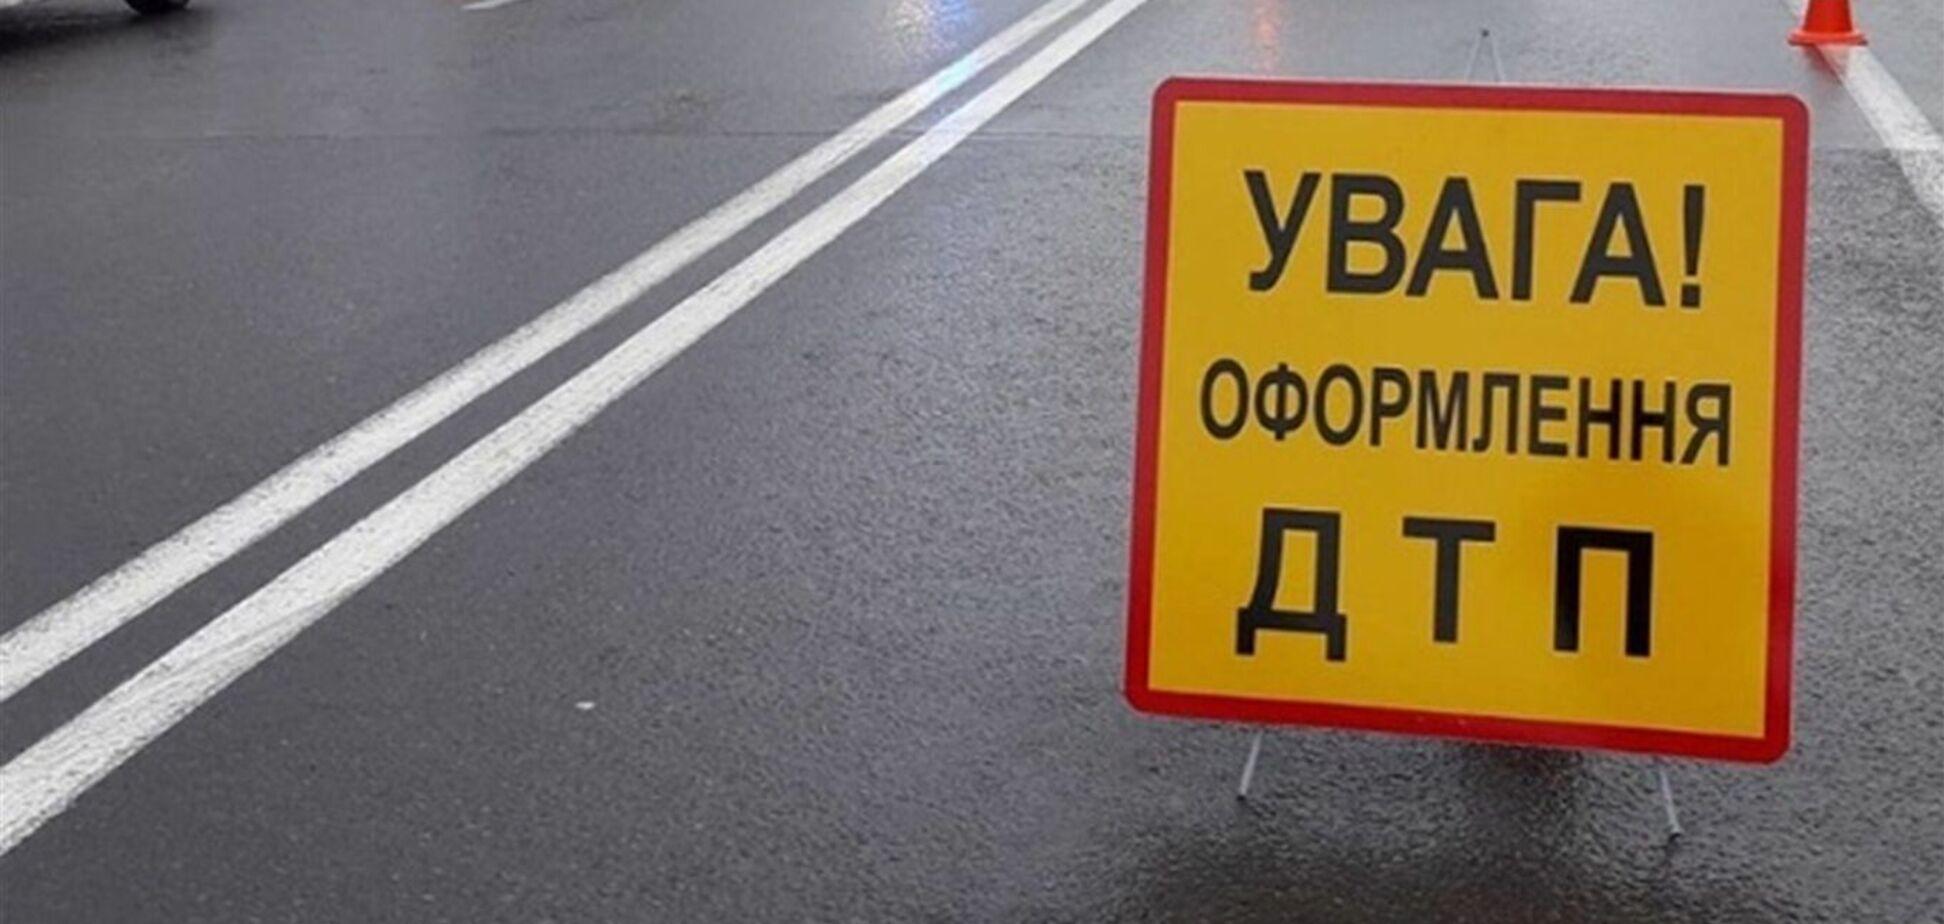 В Днепре в результате ДТП пострадал 9-летний мальчик. Источник: Золотоноша.City